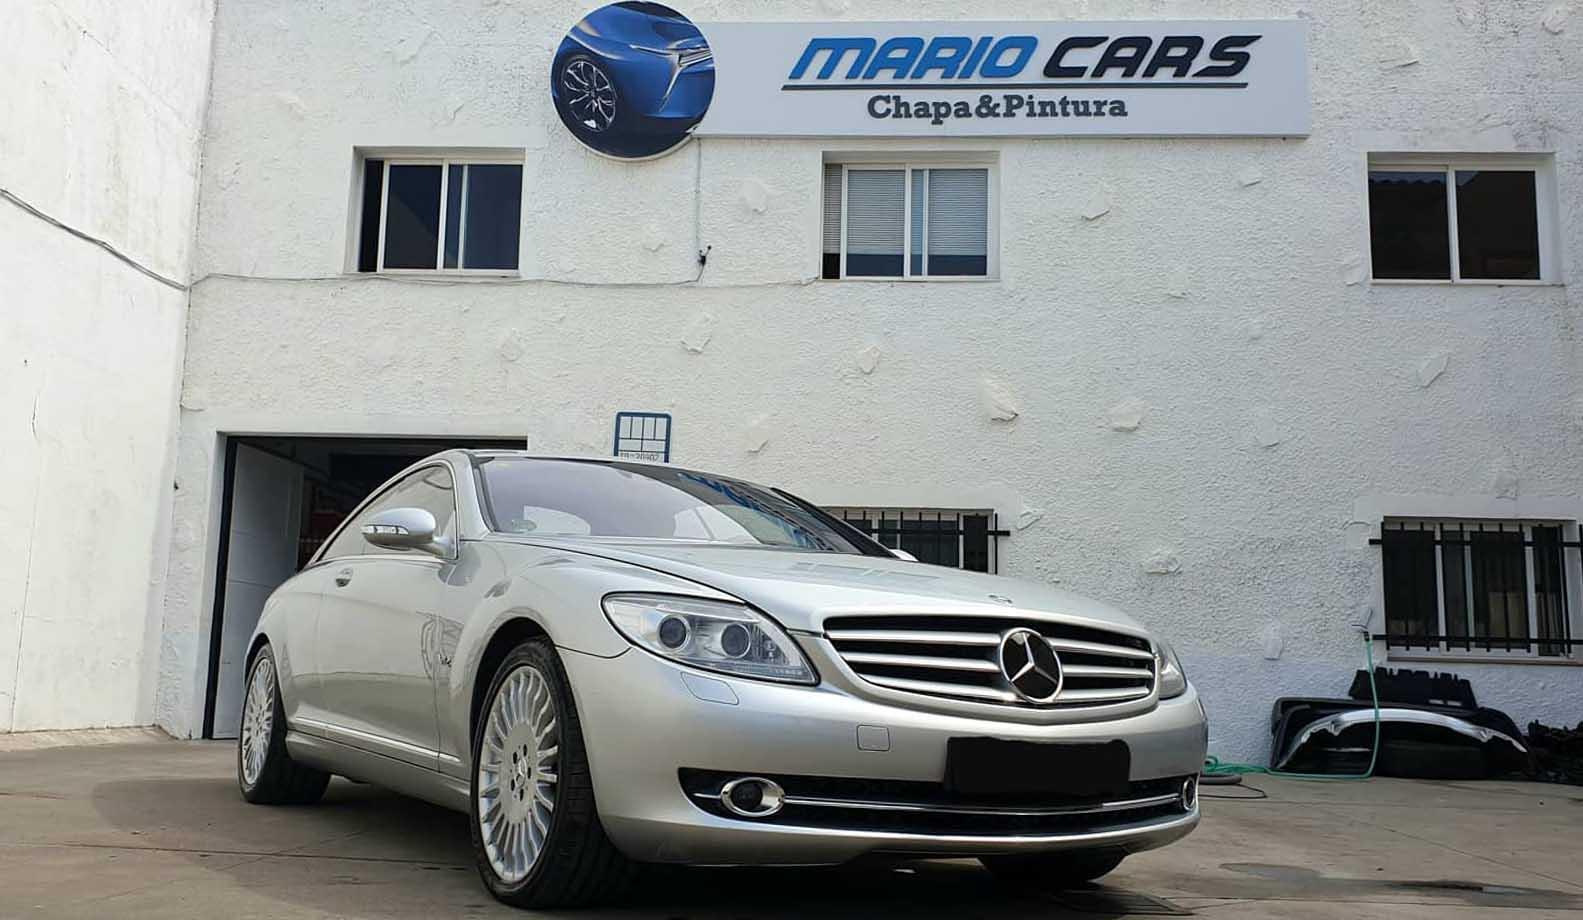 MARIO CARS TALLERES